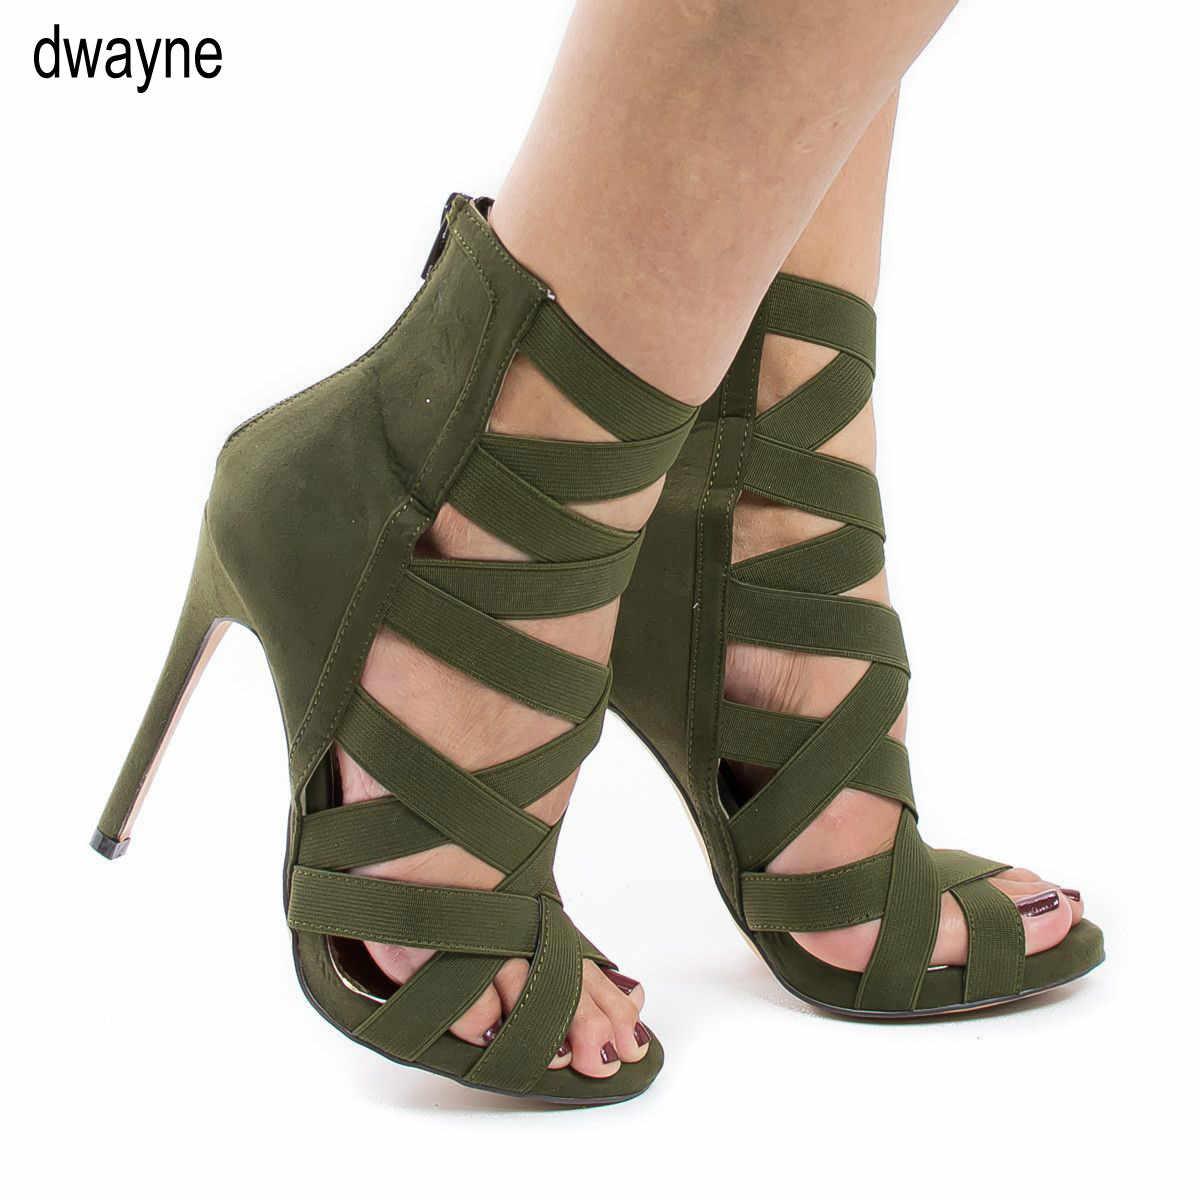 Kadın topuklu sandalet sıkı bandaj ayak bileği kayışı pompaları süper yüksek topuklu stiletto topuklu bayan ayakkabıları 2020